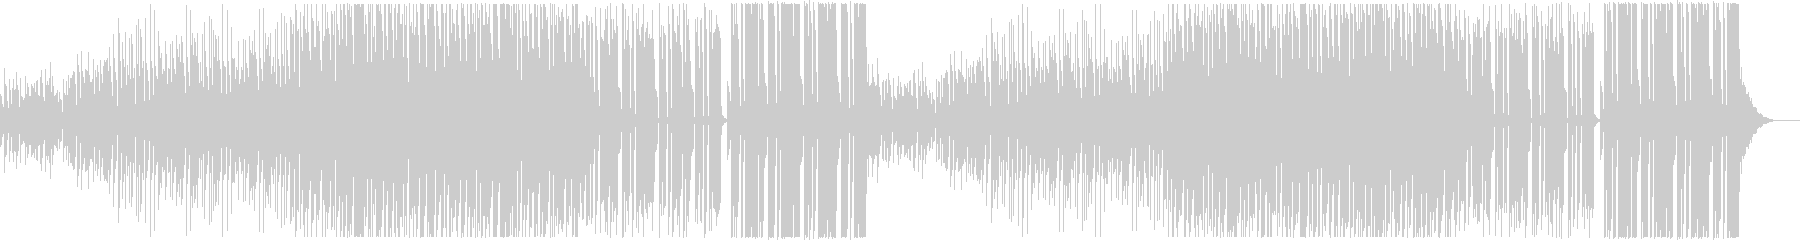 クール・スタイリッシュ・EDM・4の未再生の波形